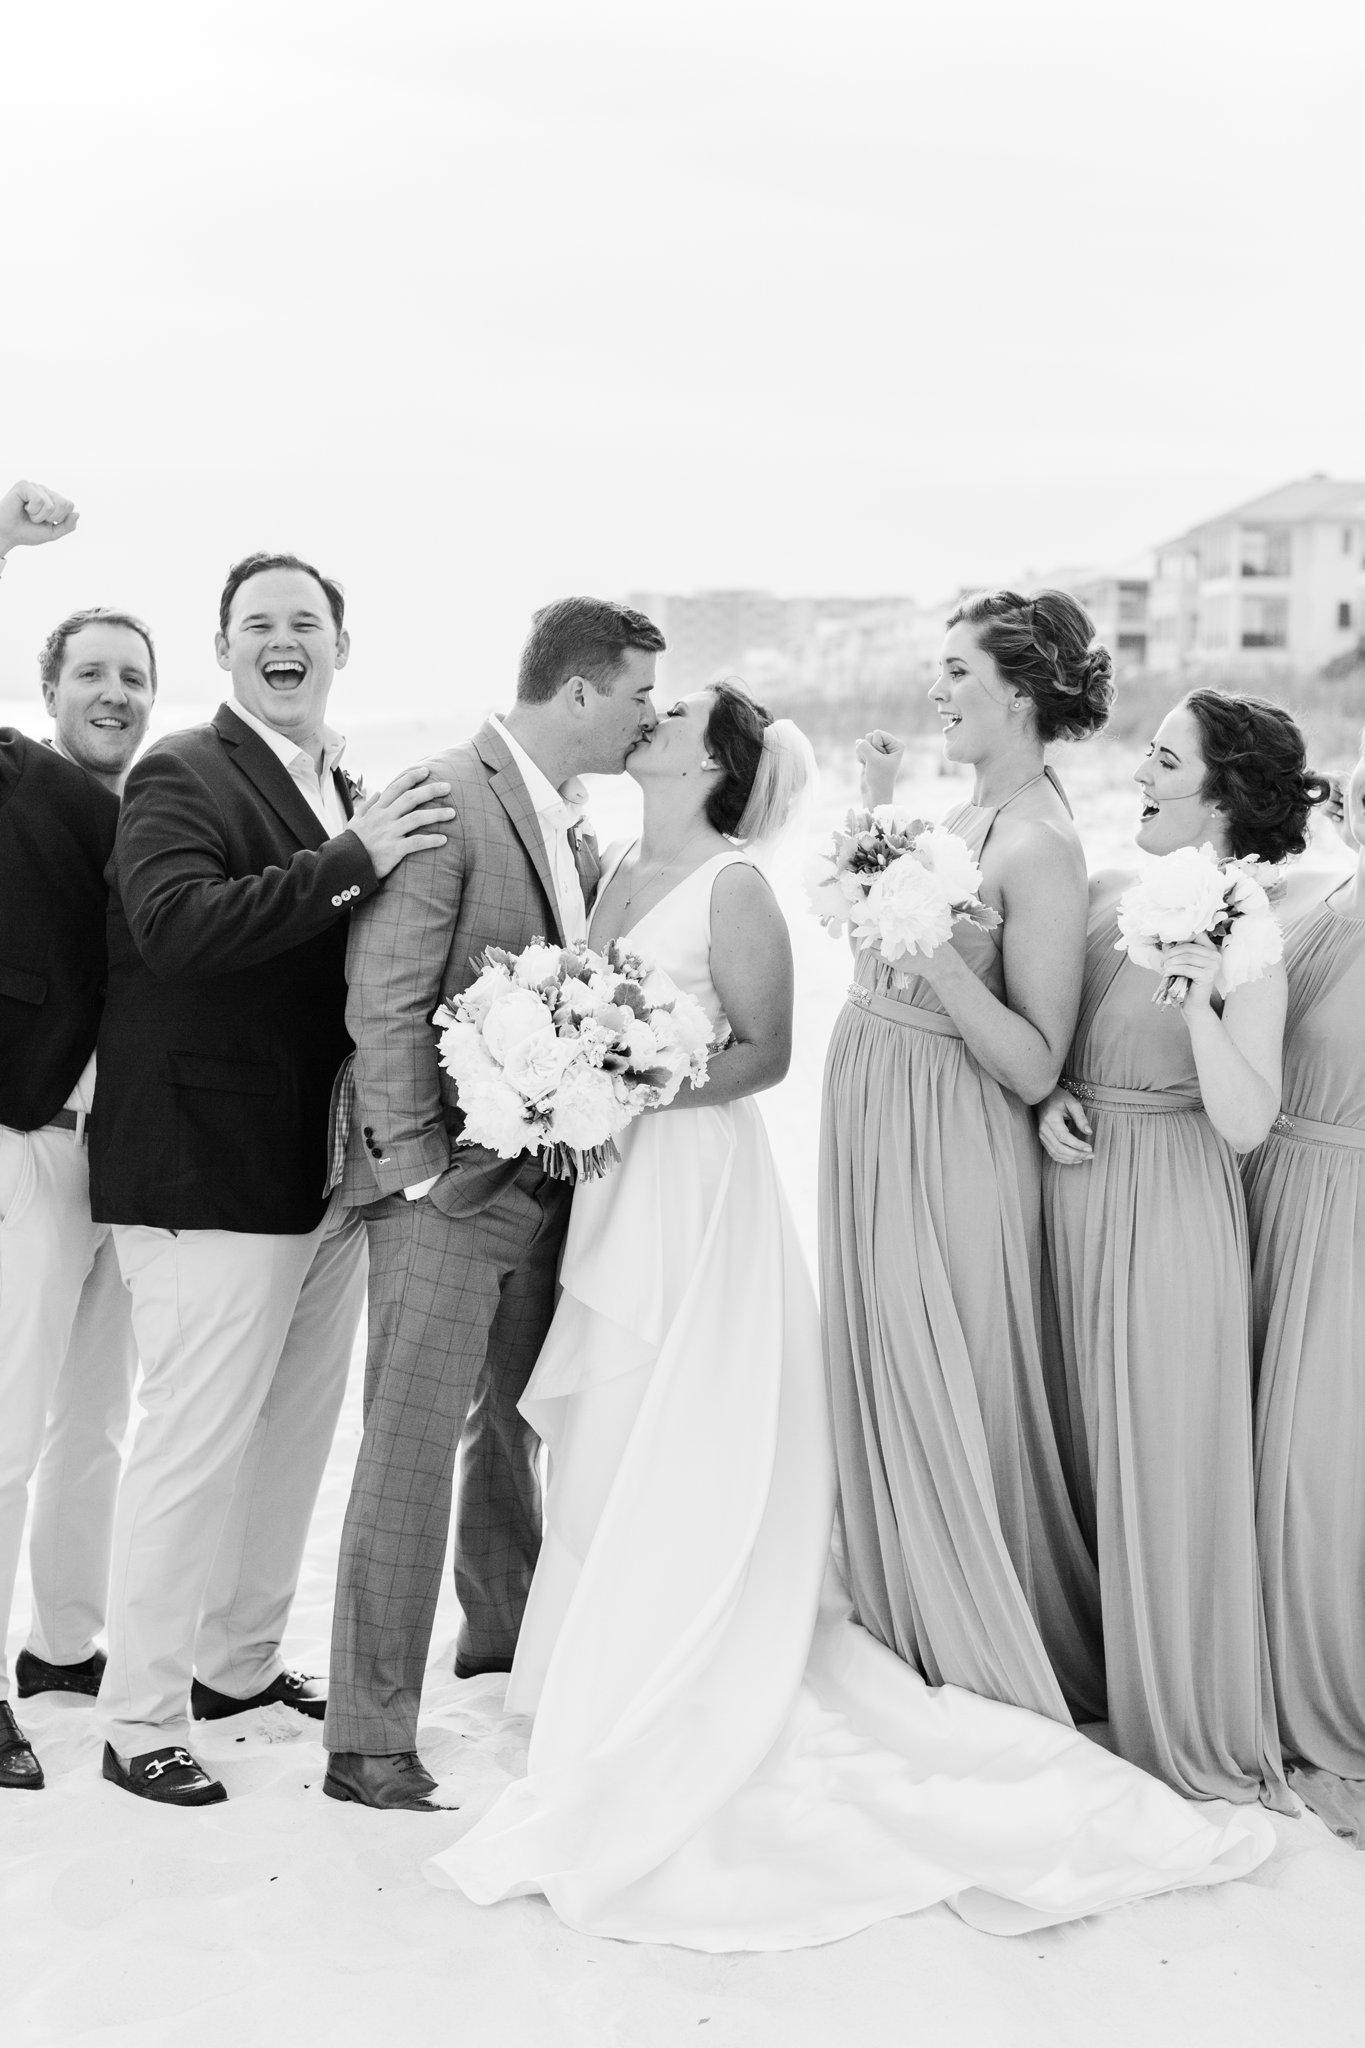 carillon beach wedding photographer shannon griffin photographer_0110.jpg